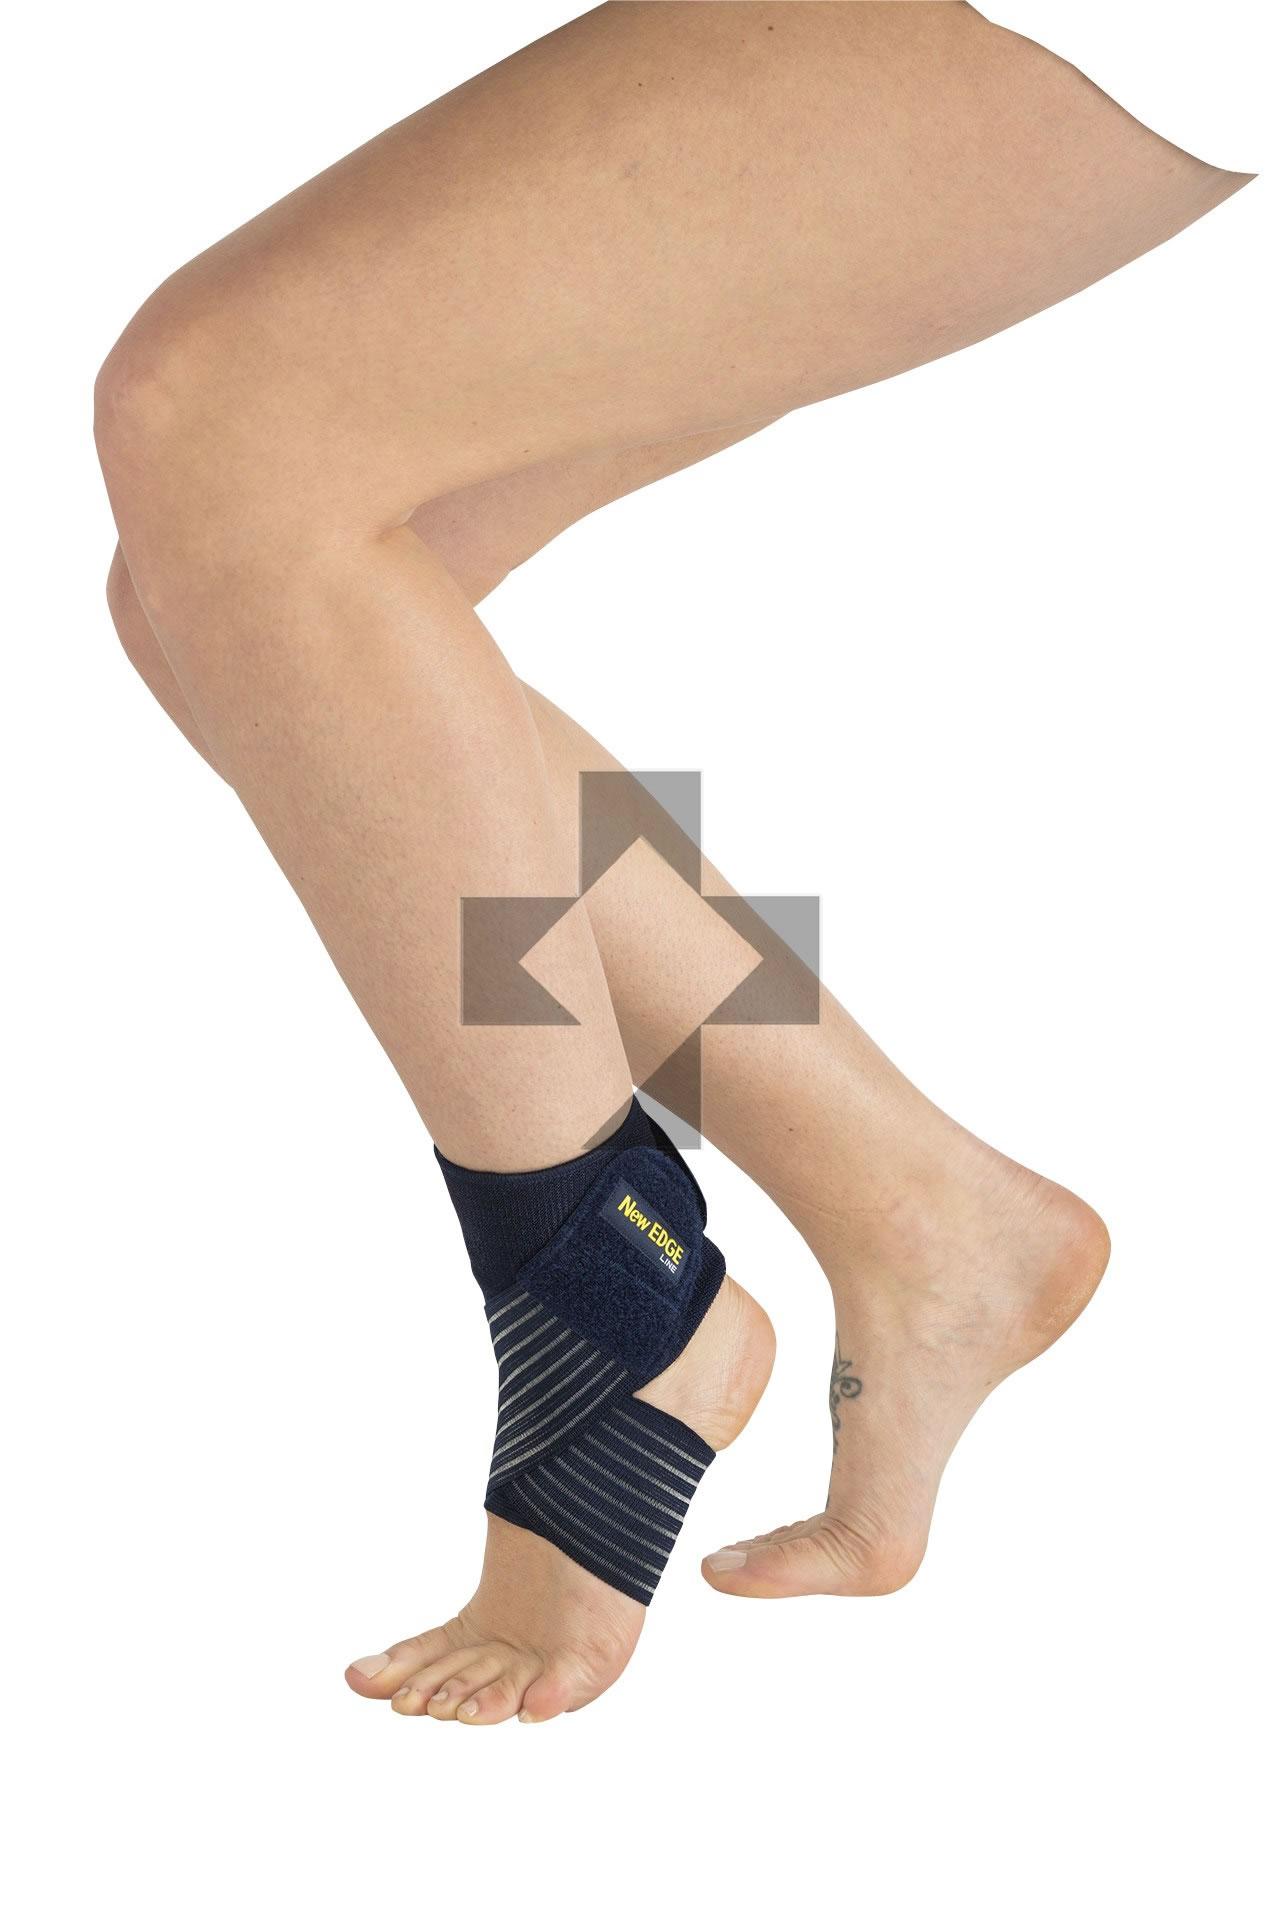 economico per lo sconto amazon vendita più calda Cavigliera elastica con bendaggio a 8 15 Pavis